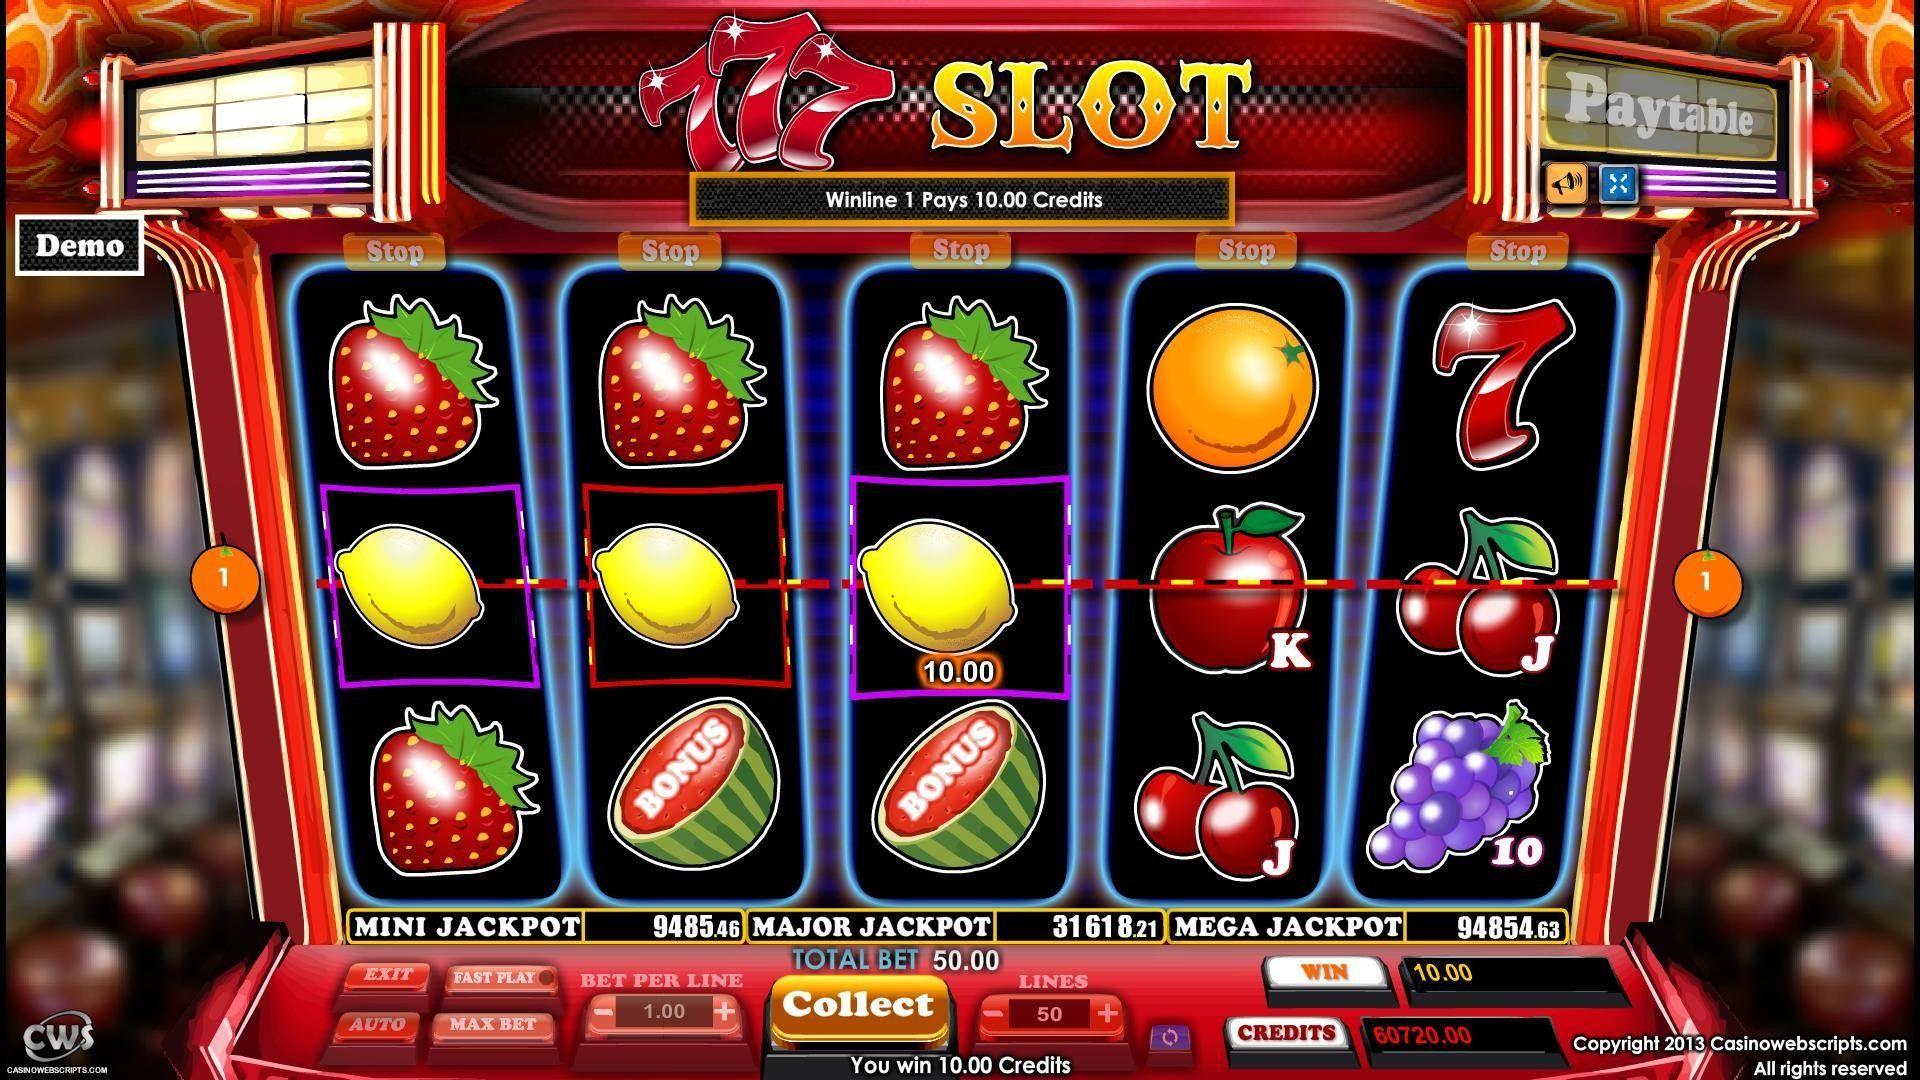 Copyright 2013 punbb игровые автоматы играть бесплатно игровые автоматы пирамида бесплатно